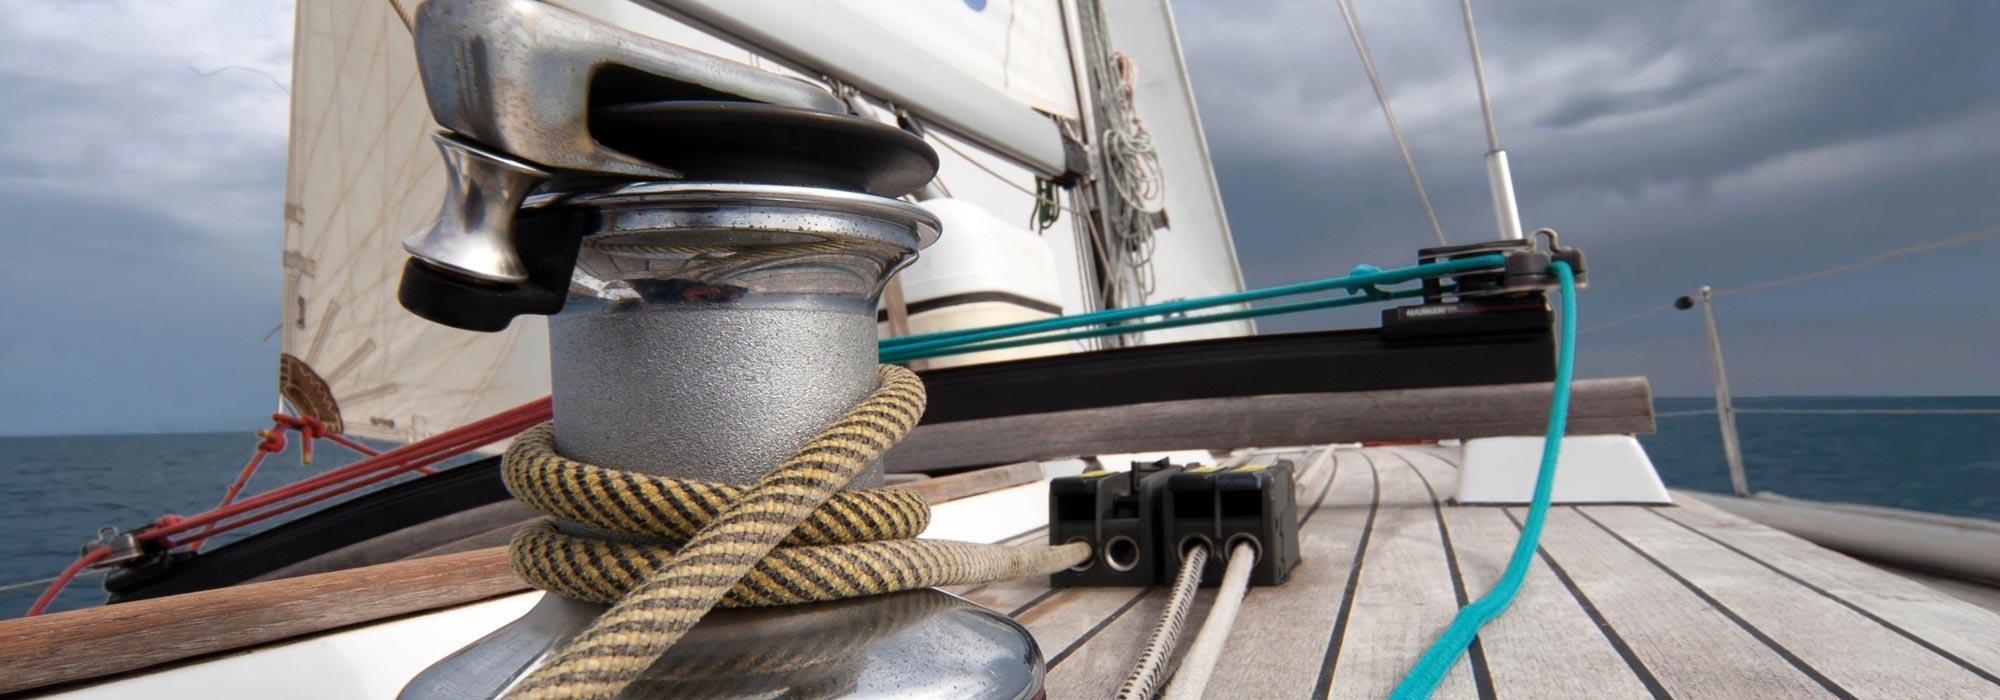 inkoop van uw motorjacht of zeilboot door Saleboot.